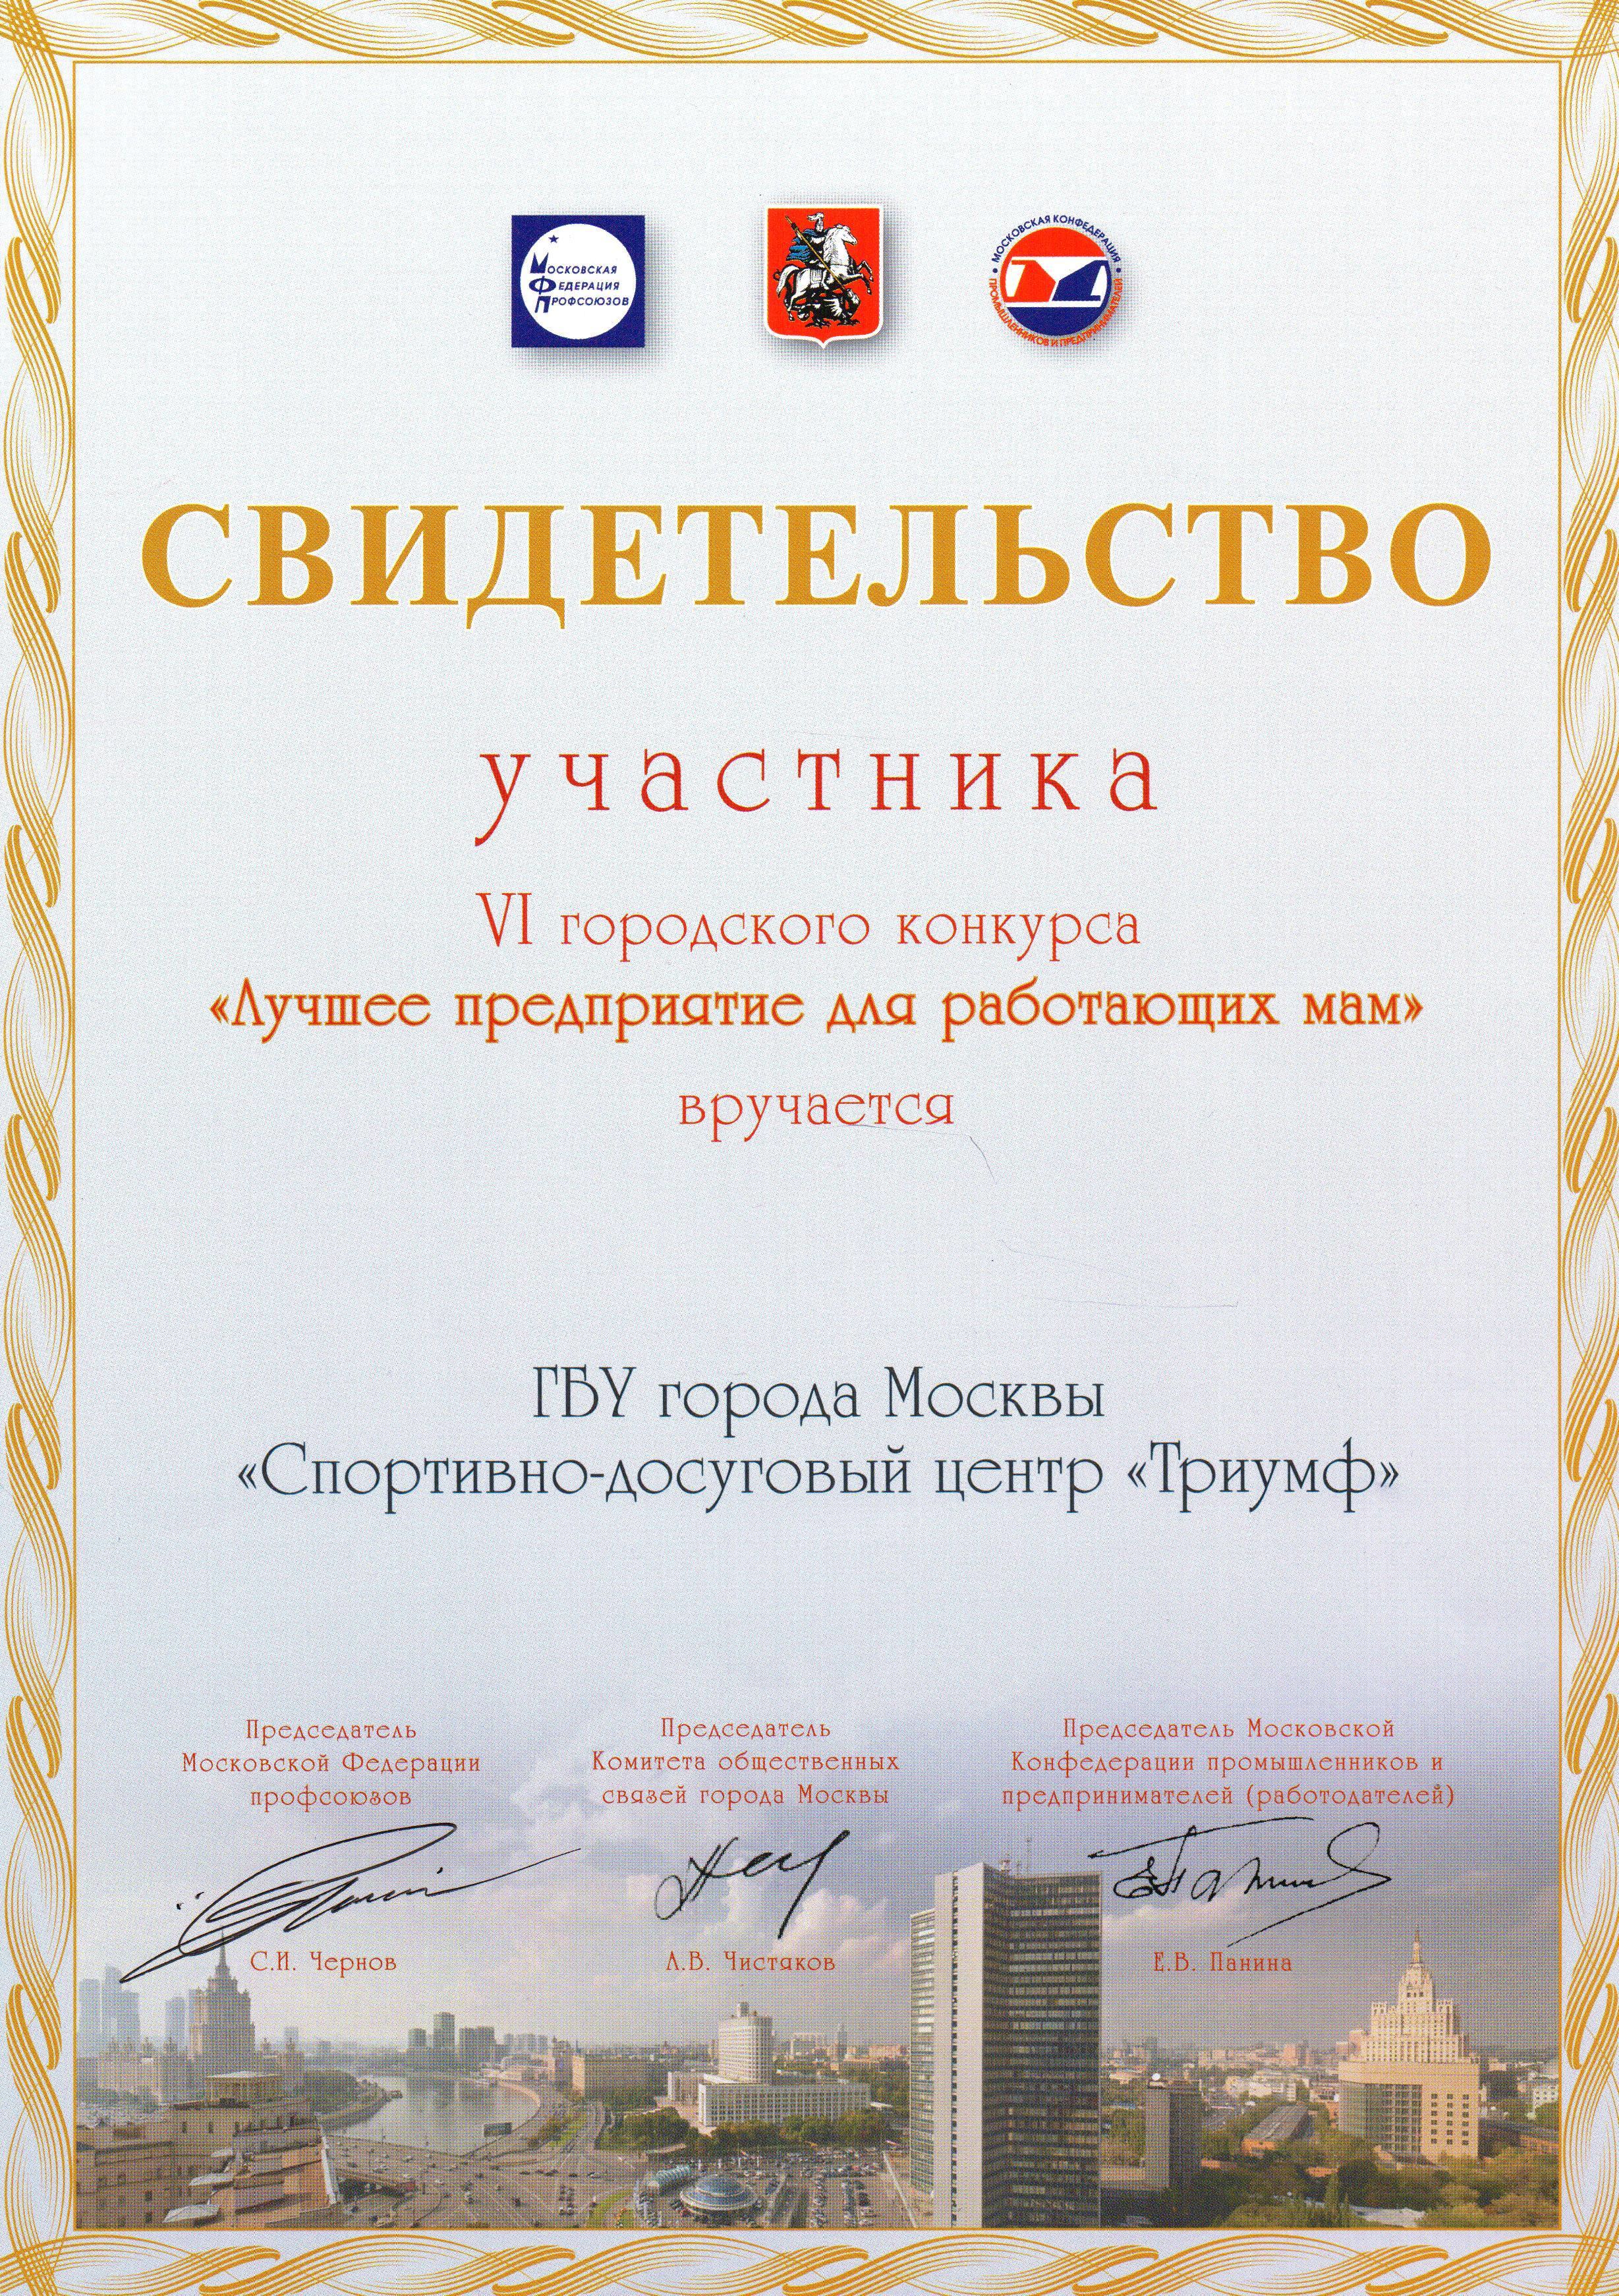 Сертификат - Лучшее предприятие для работающих мам